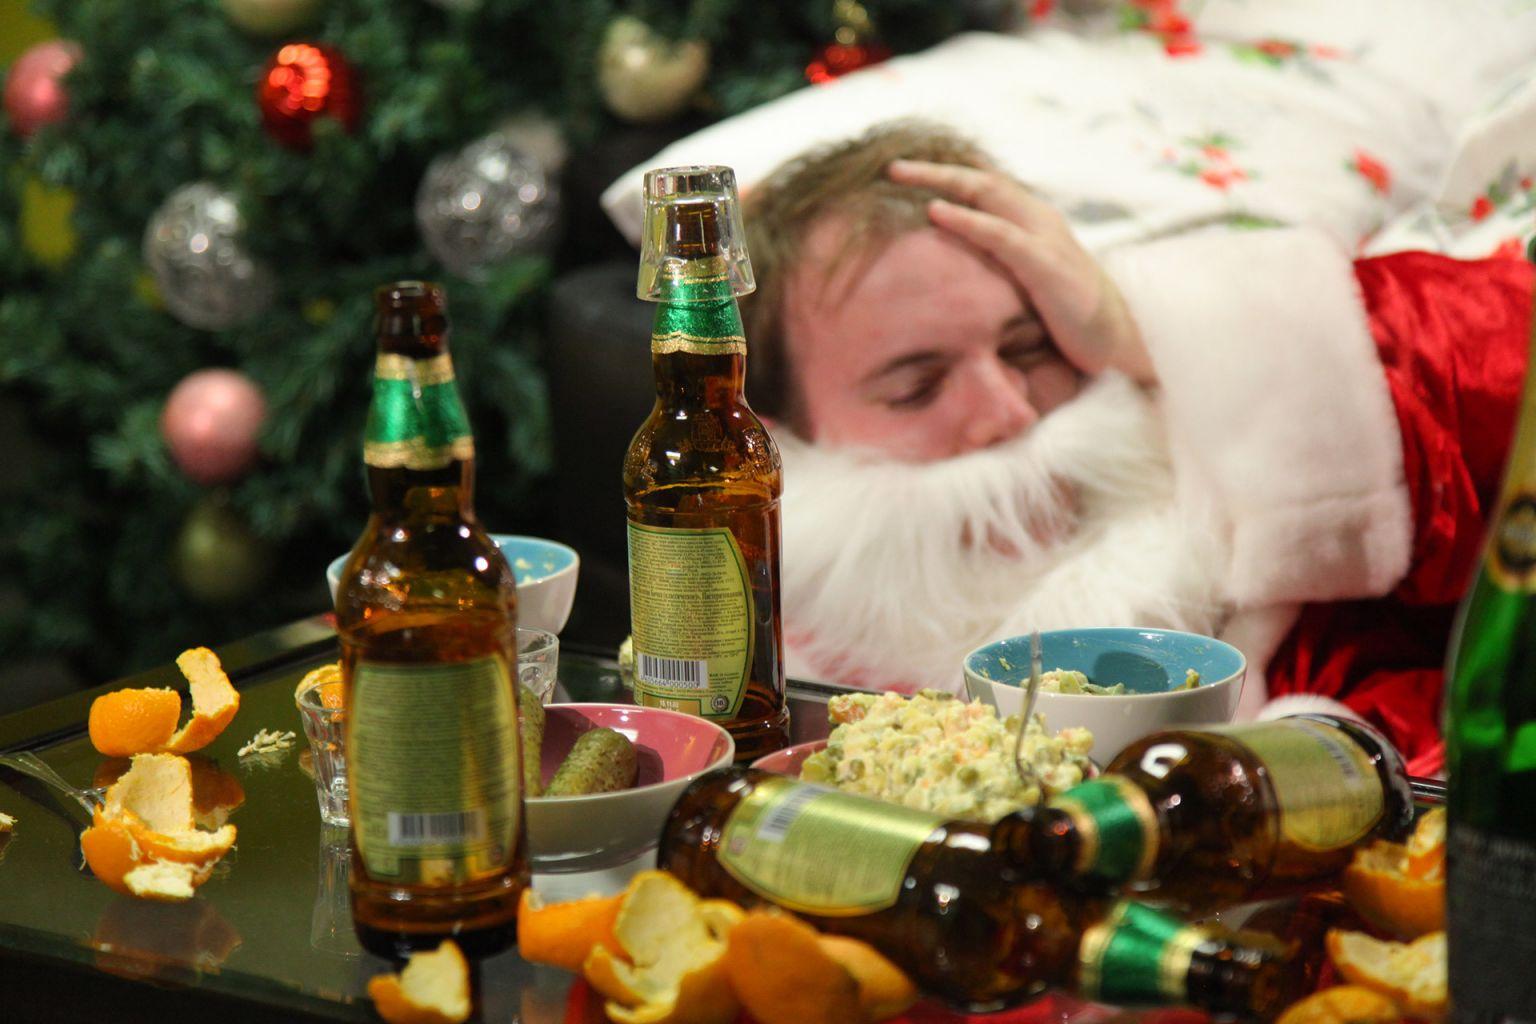 В РФ предложили запретить продажу алкоголя 1 и 2 января